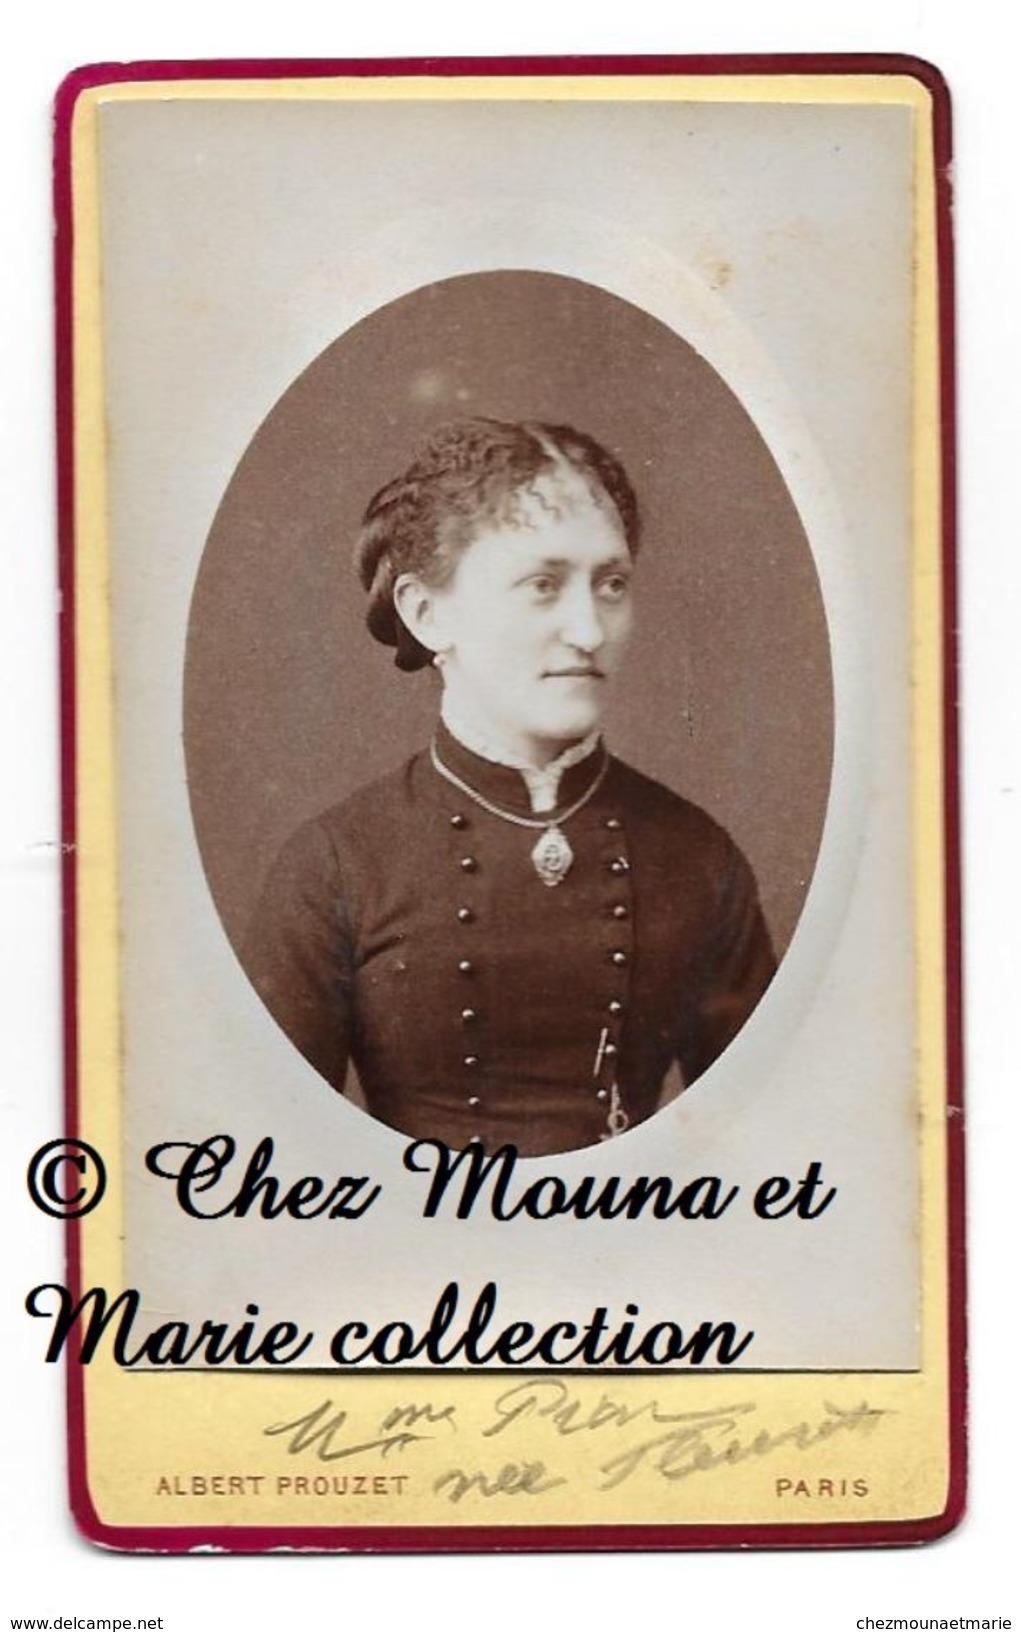 FAMILLE PION FLEUROT - COTE D OR - CDV PHOTO PARIS PROUZET - GENEALOGIE - Photos